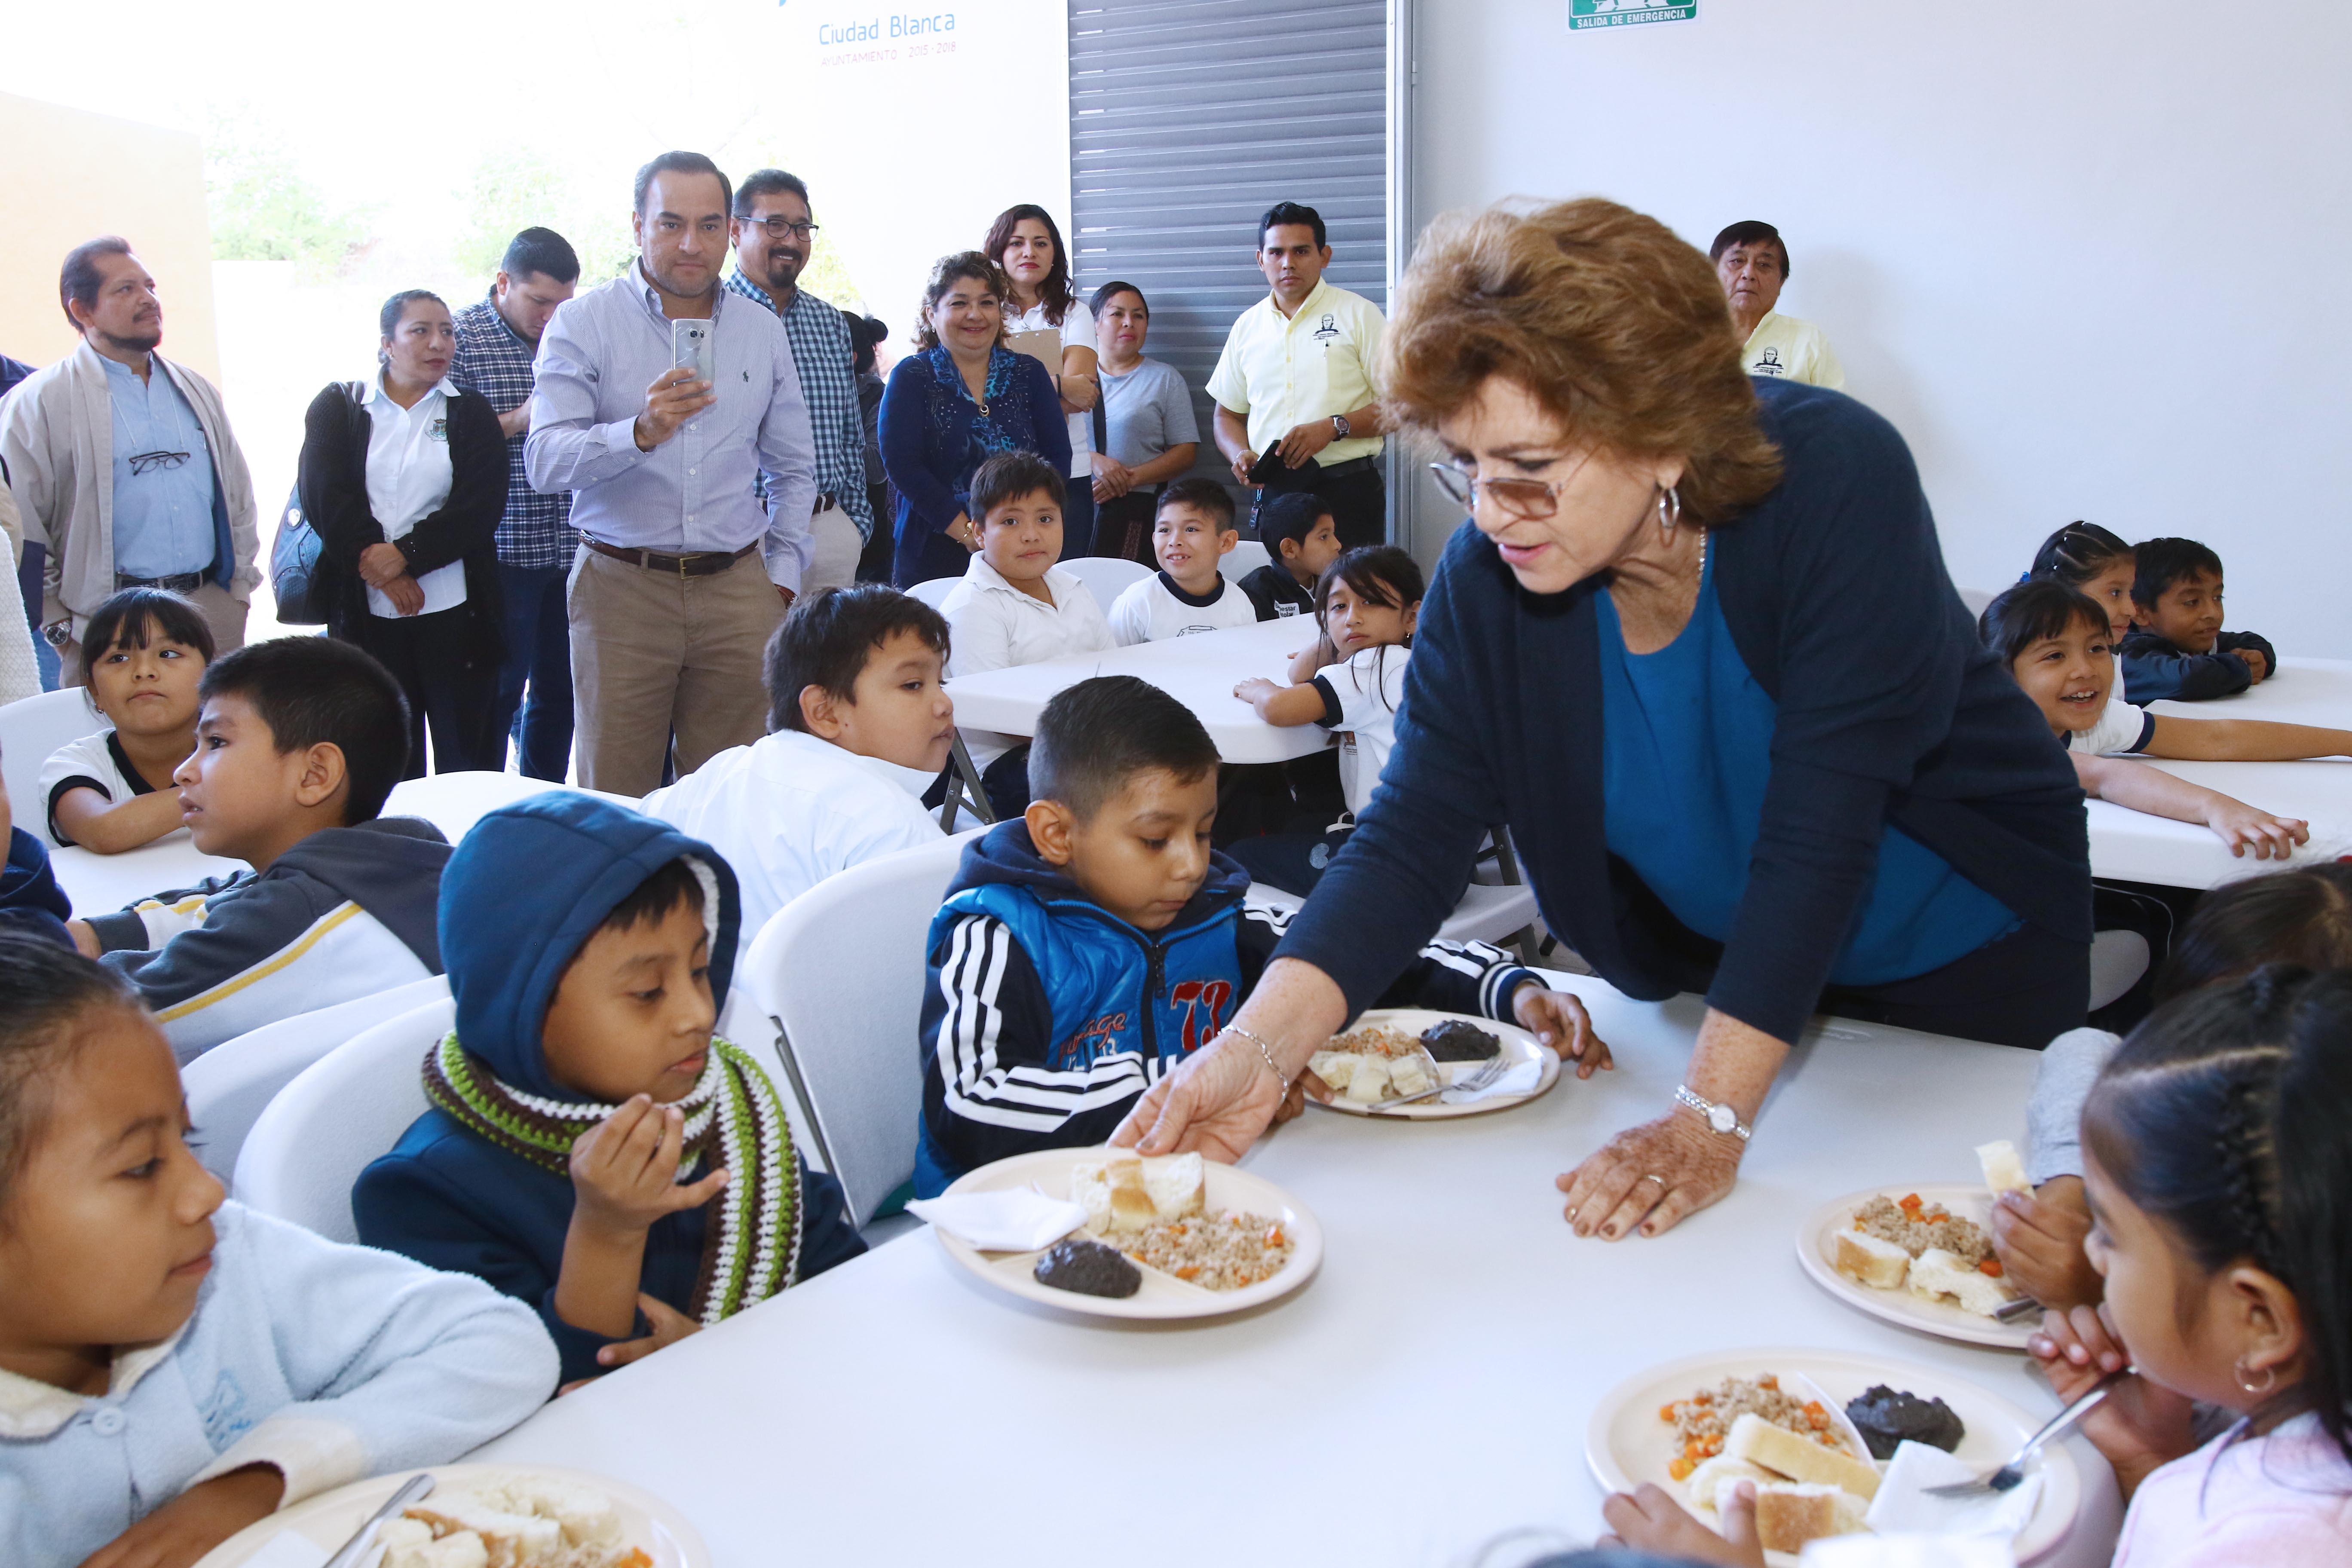 Más comedores escolares en colonias y comisarías